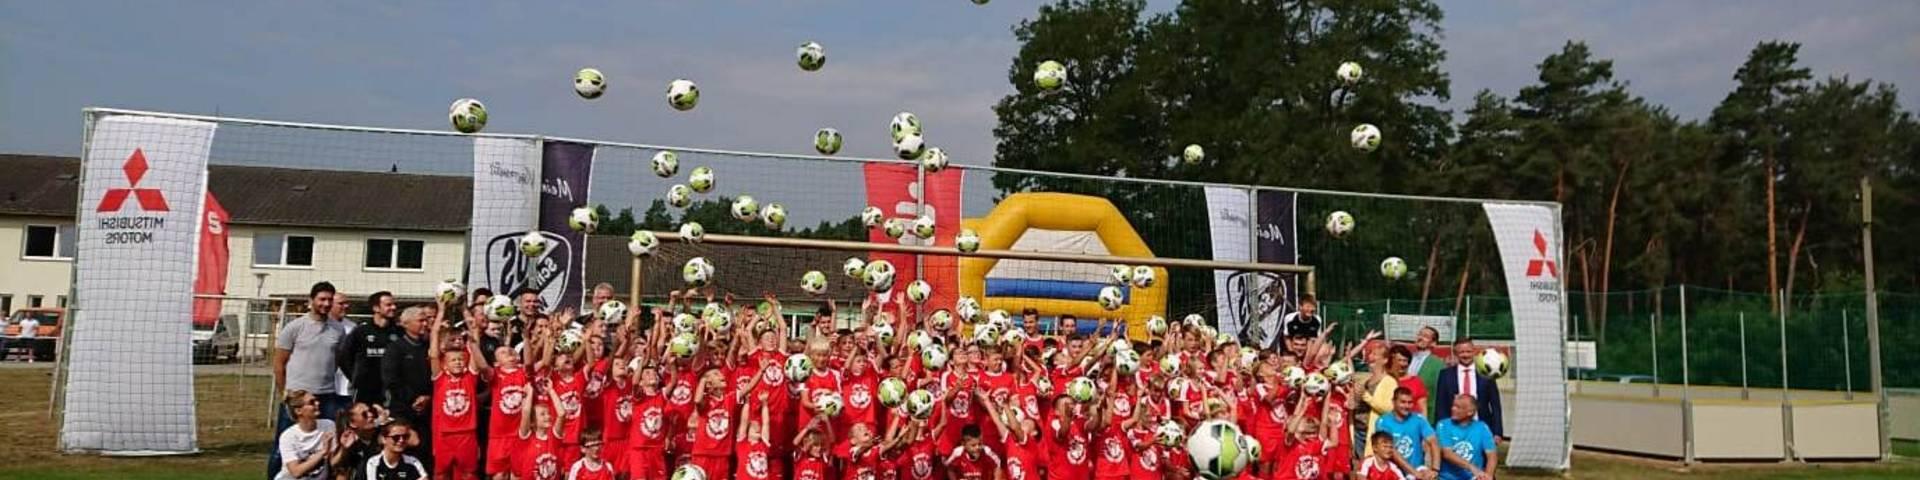 fußballakademie